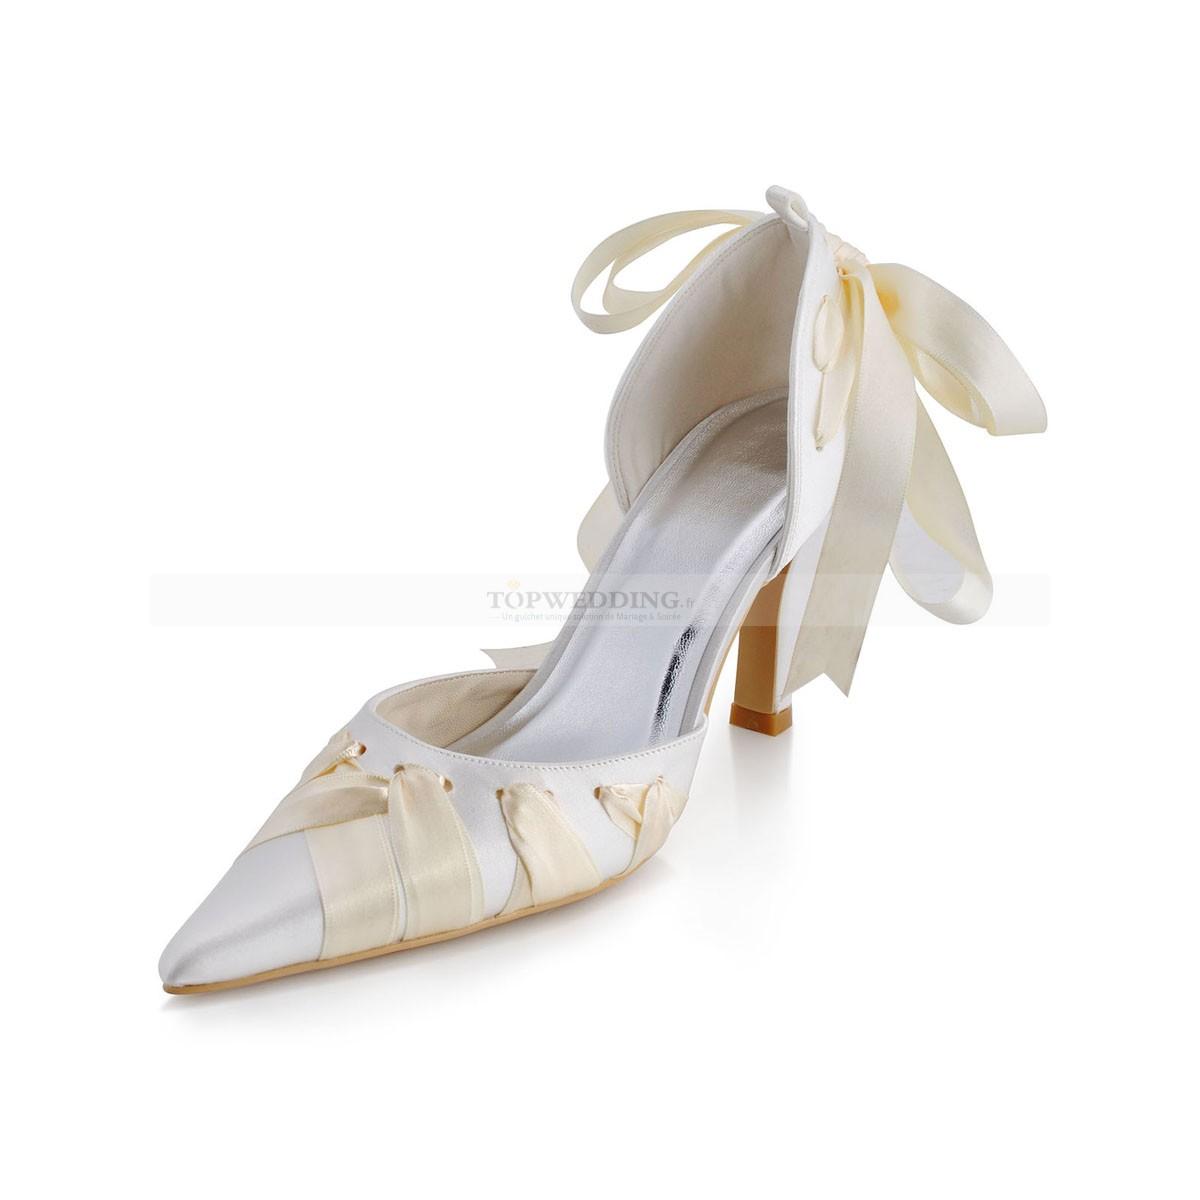 Chaussure mariee ivoire compensé